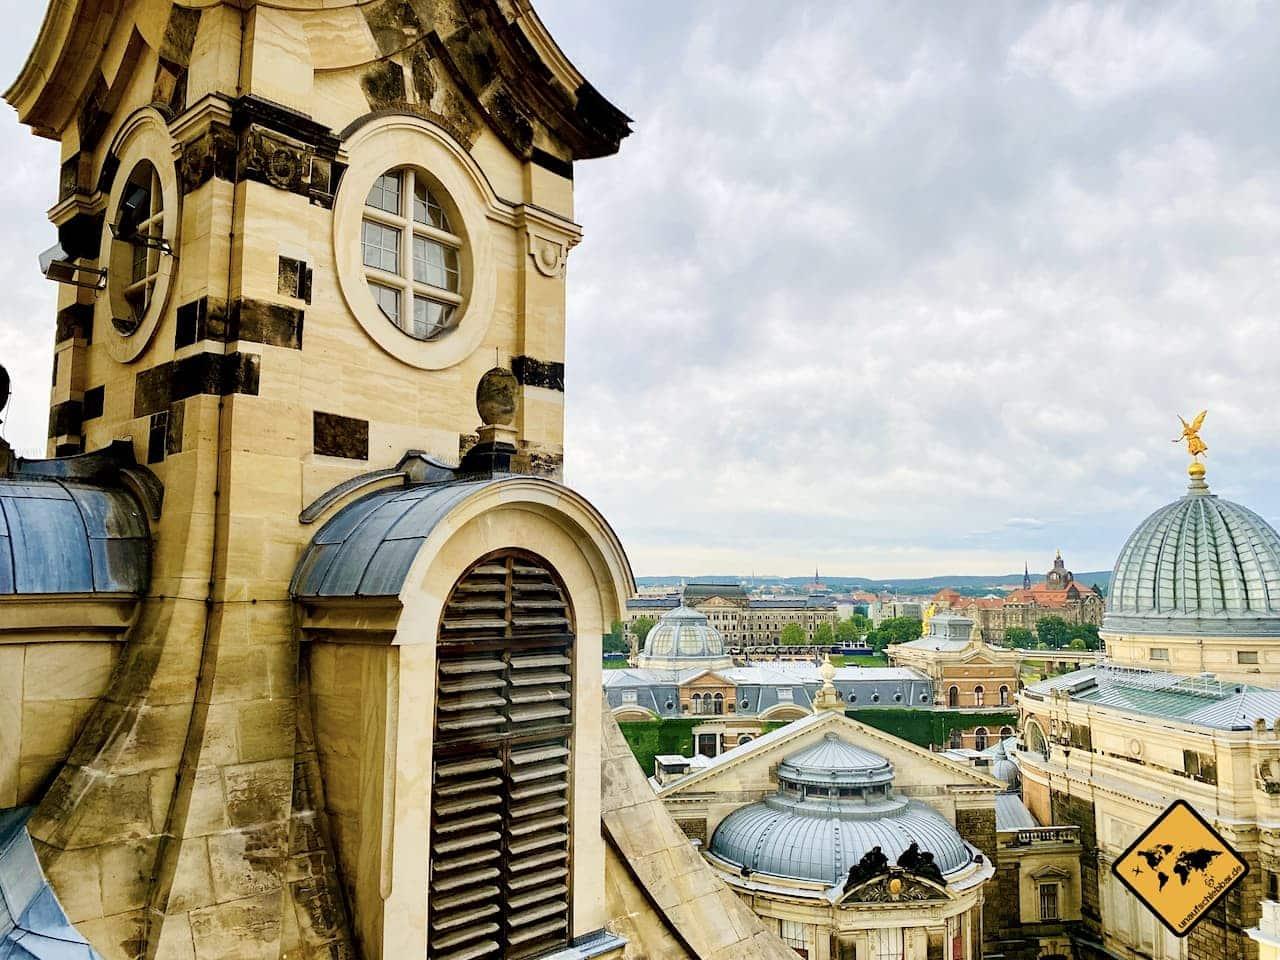 Dresden Sehenswürdigkeiten Ausblick Frauenkirche